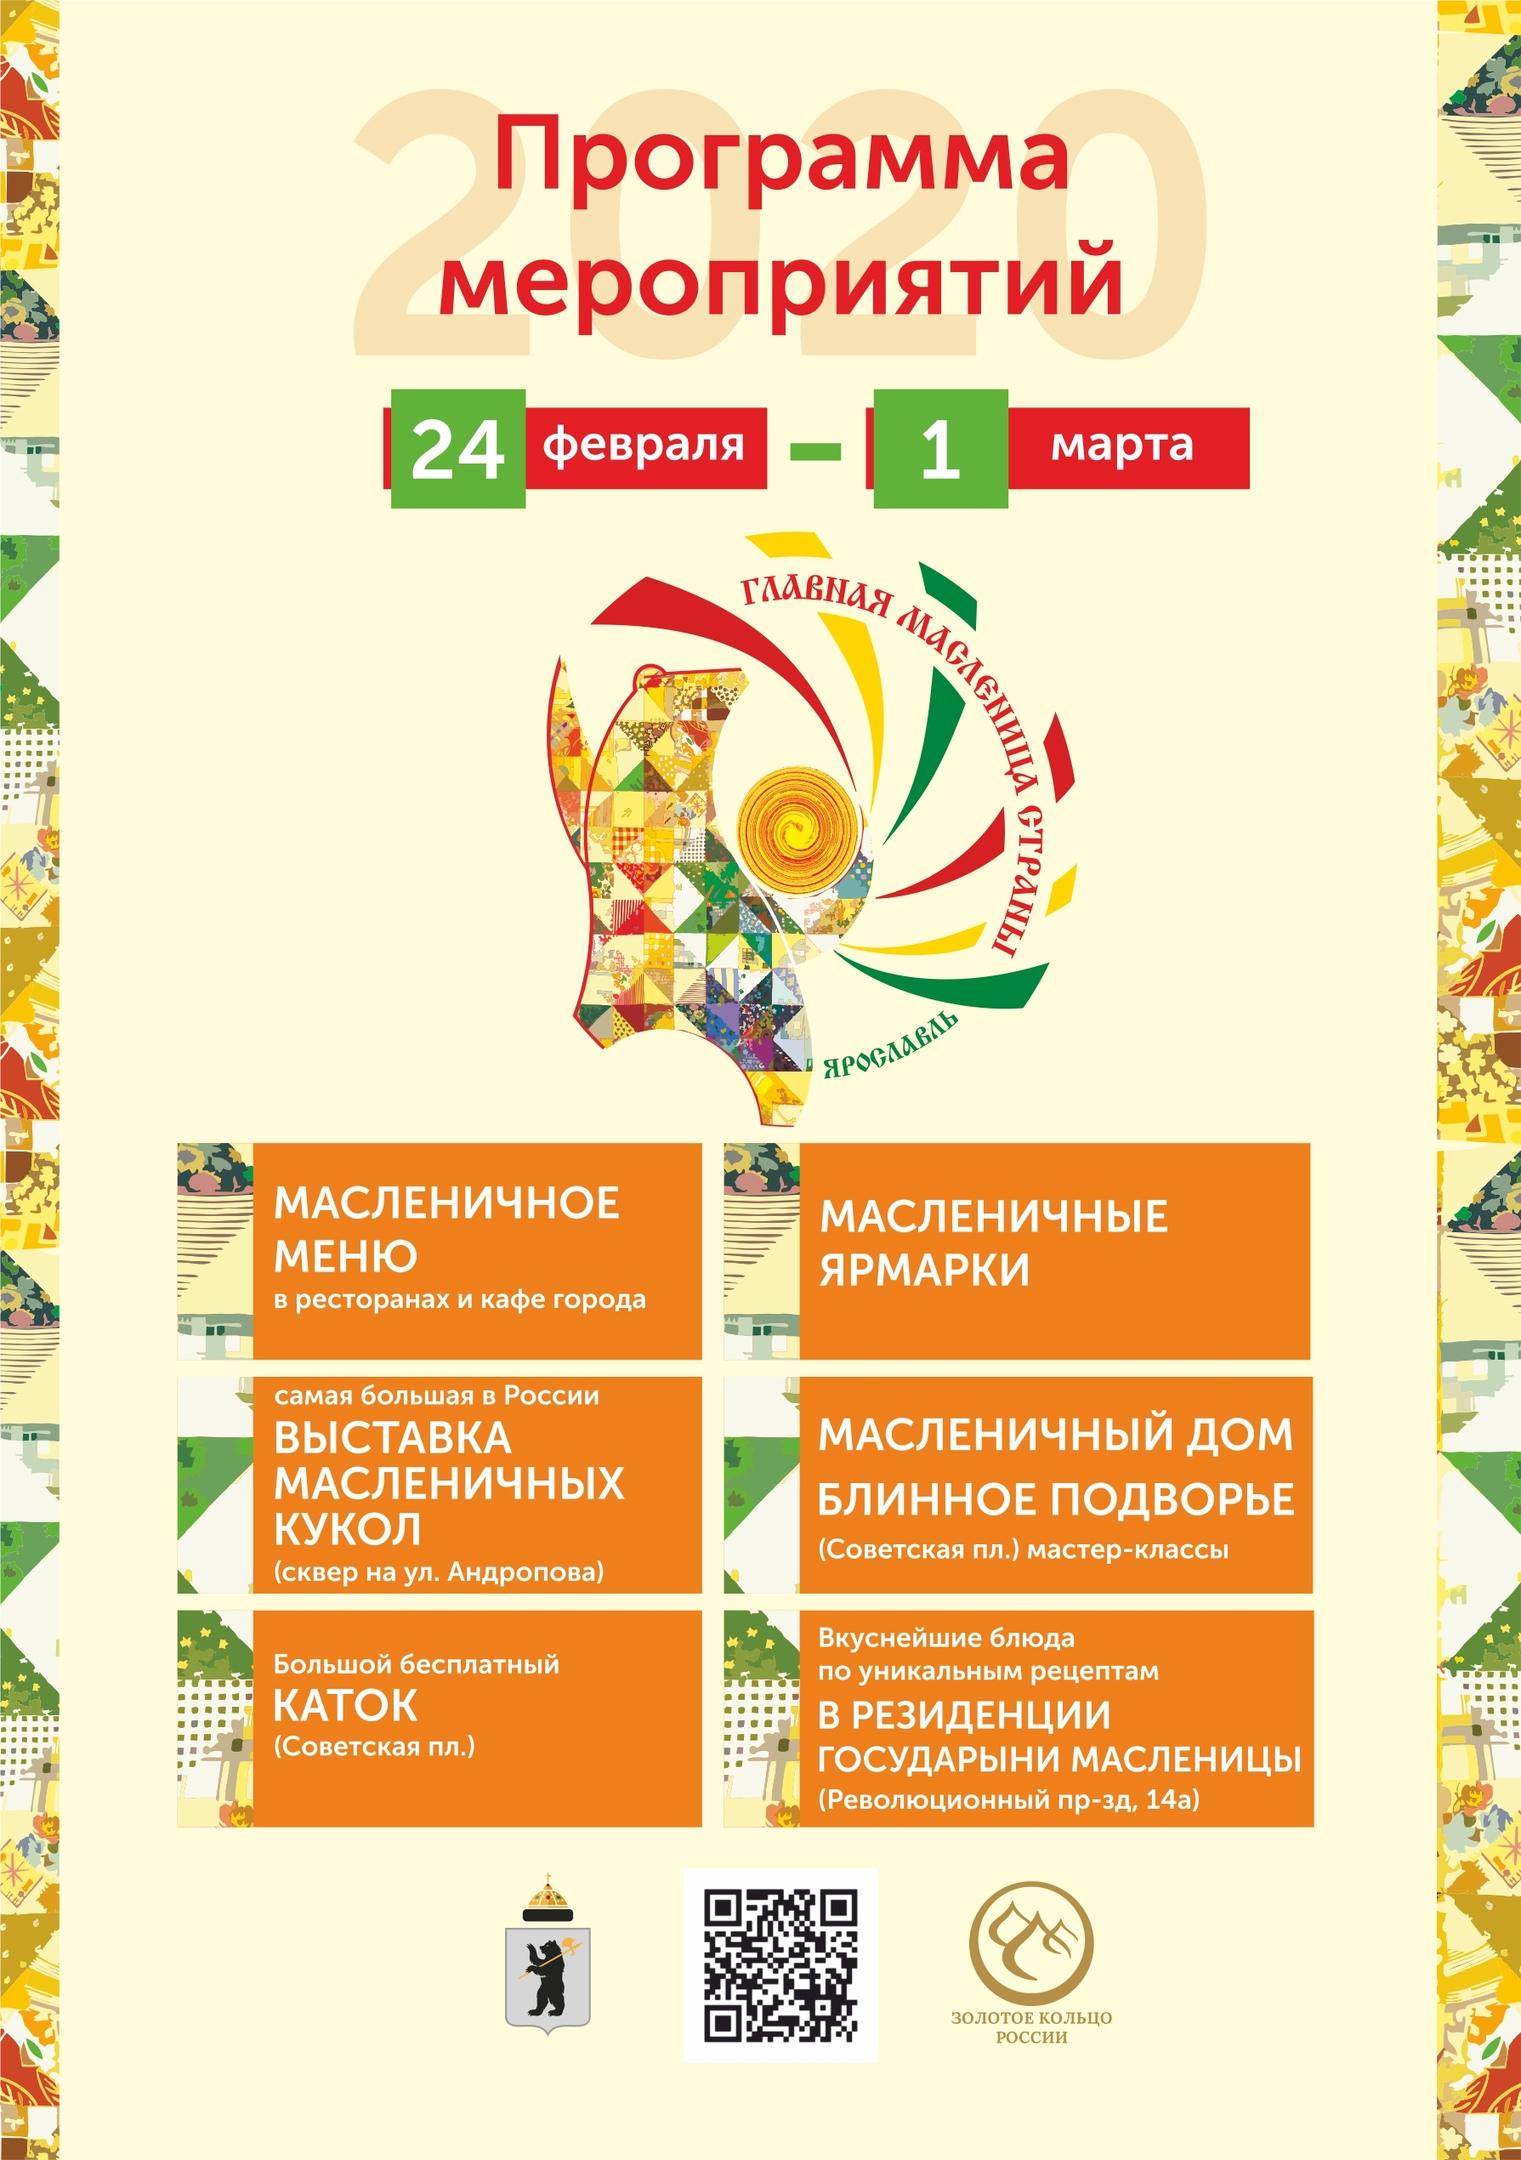 Программа Масленицы в Ярославле 2020